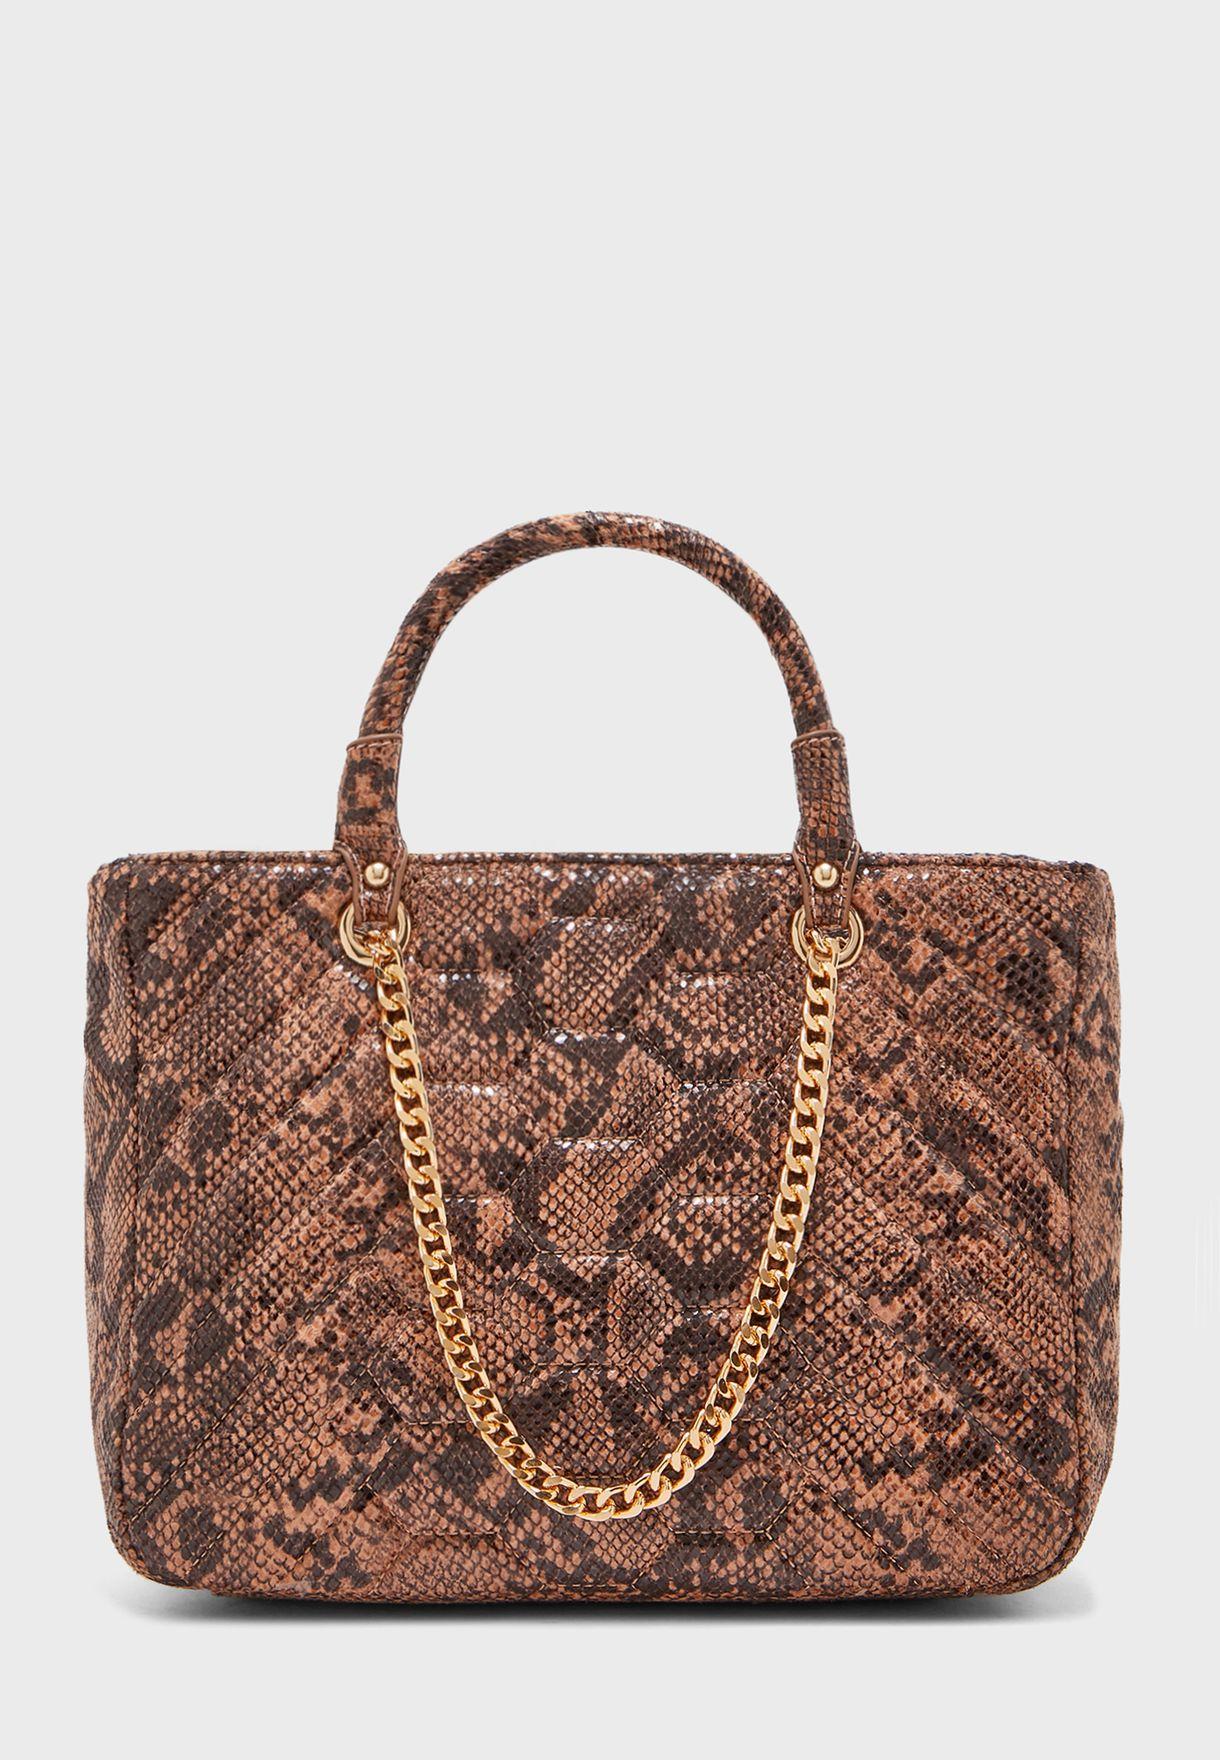 Chain Detail Top Handle Shopper